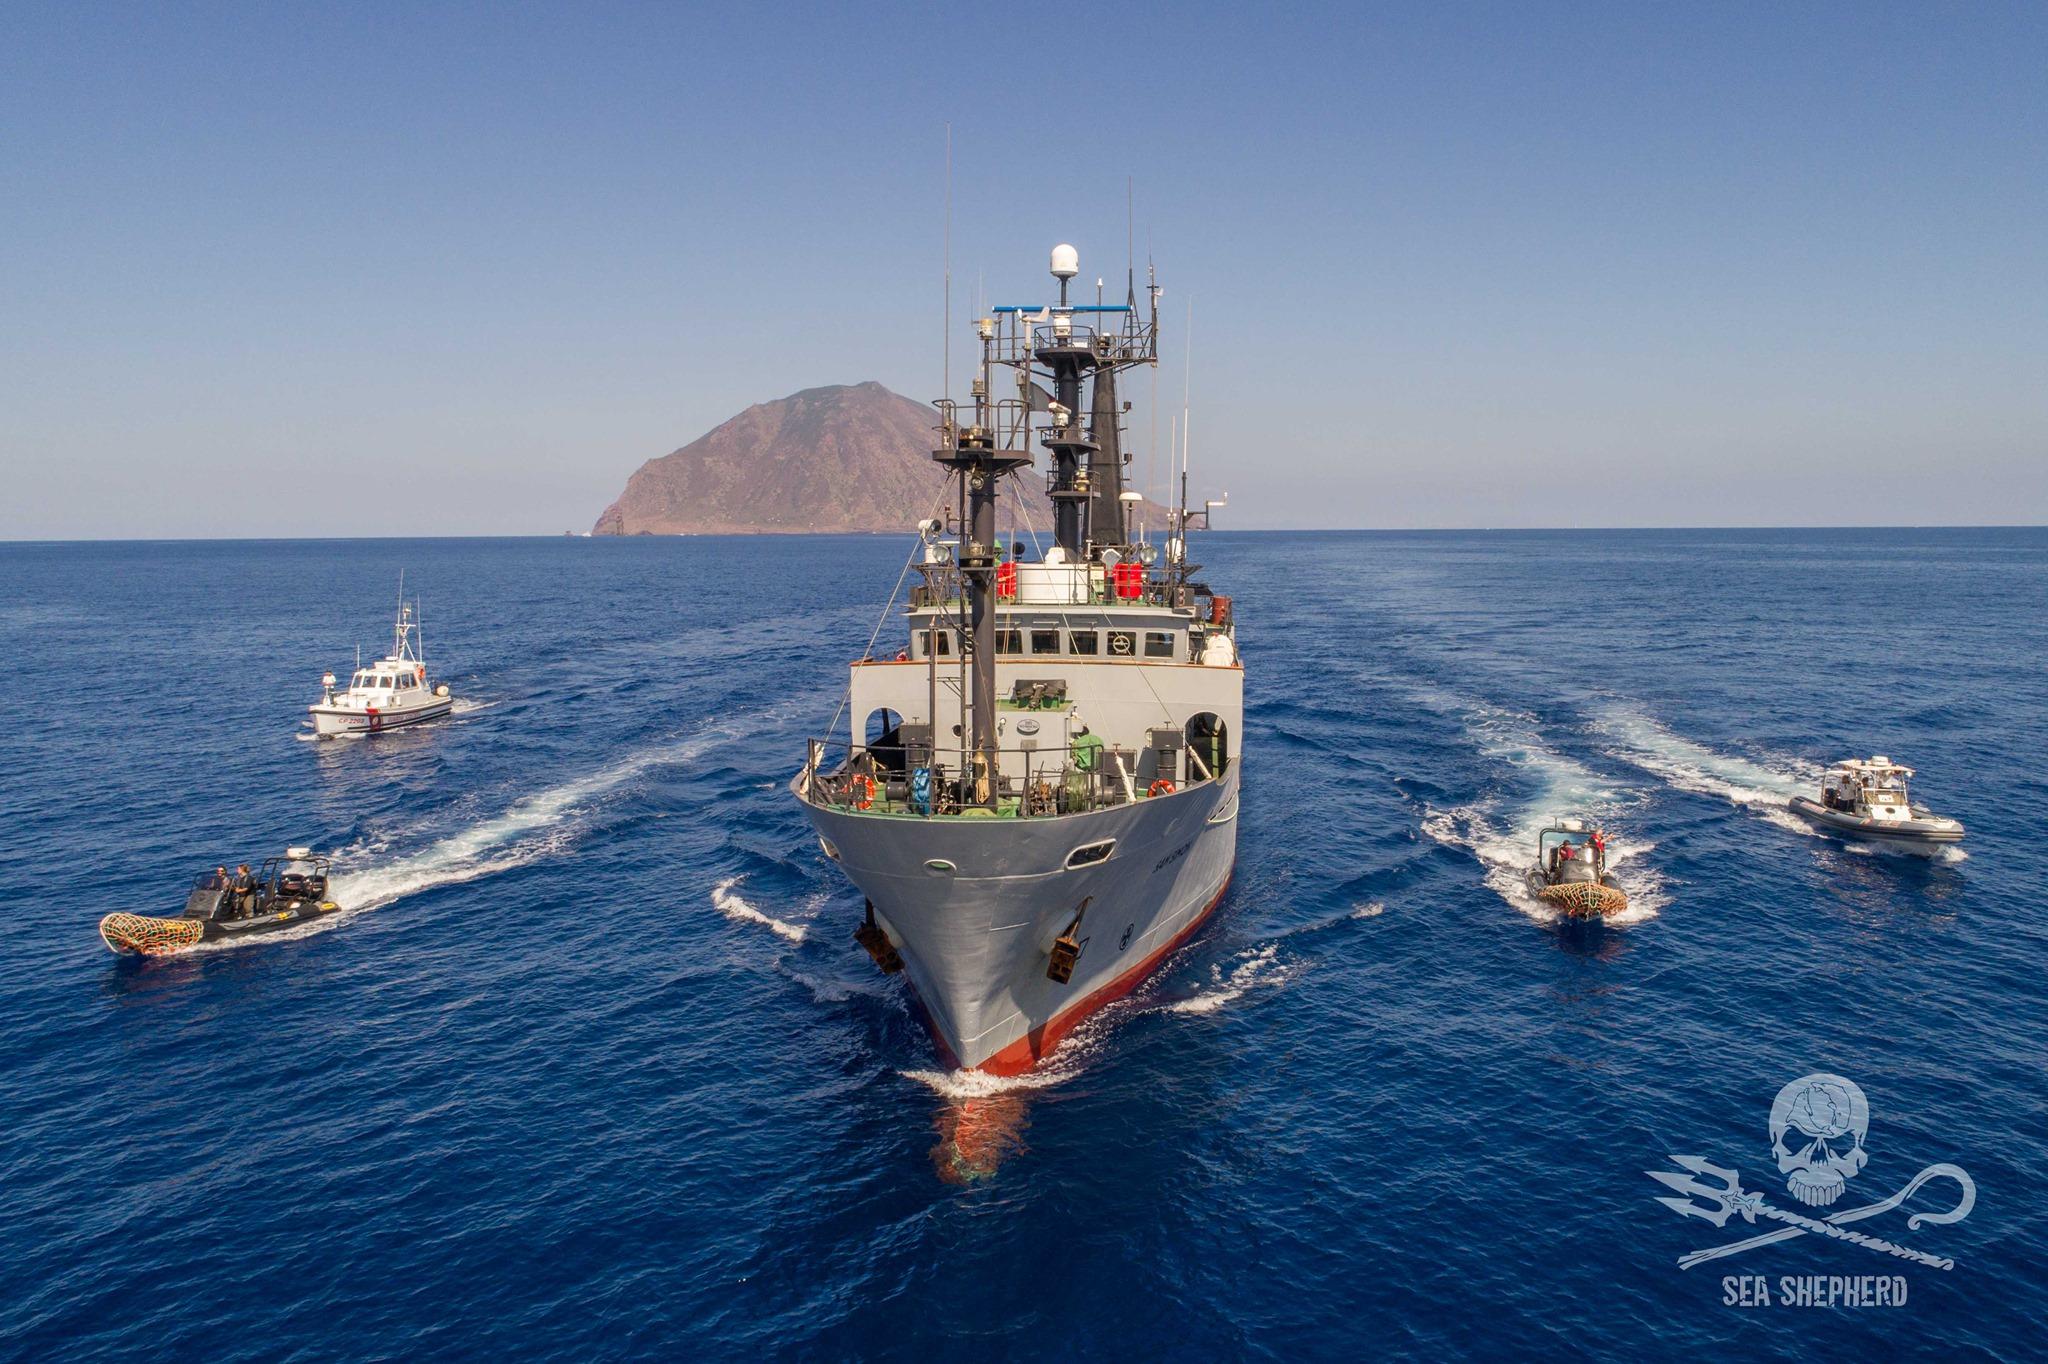 Operazione SISO collabora con Guardia Costiera italiana